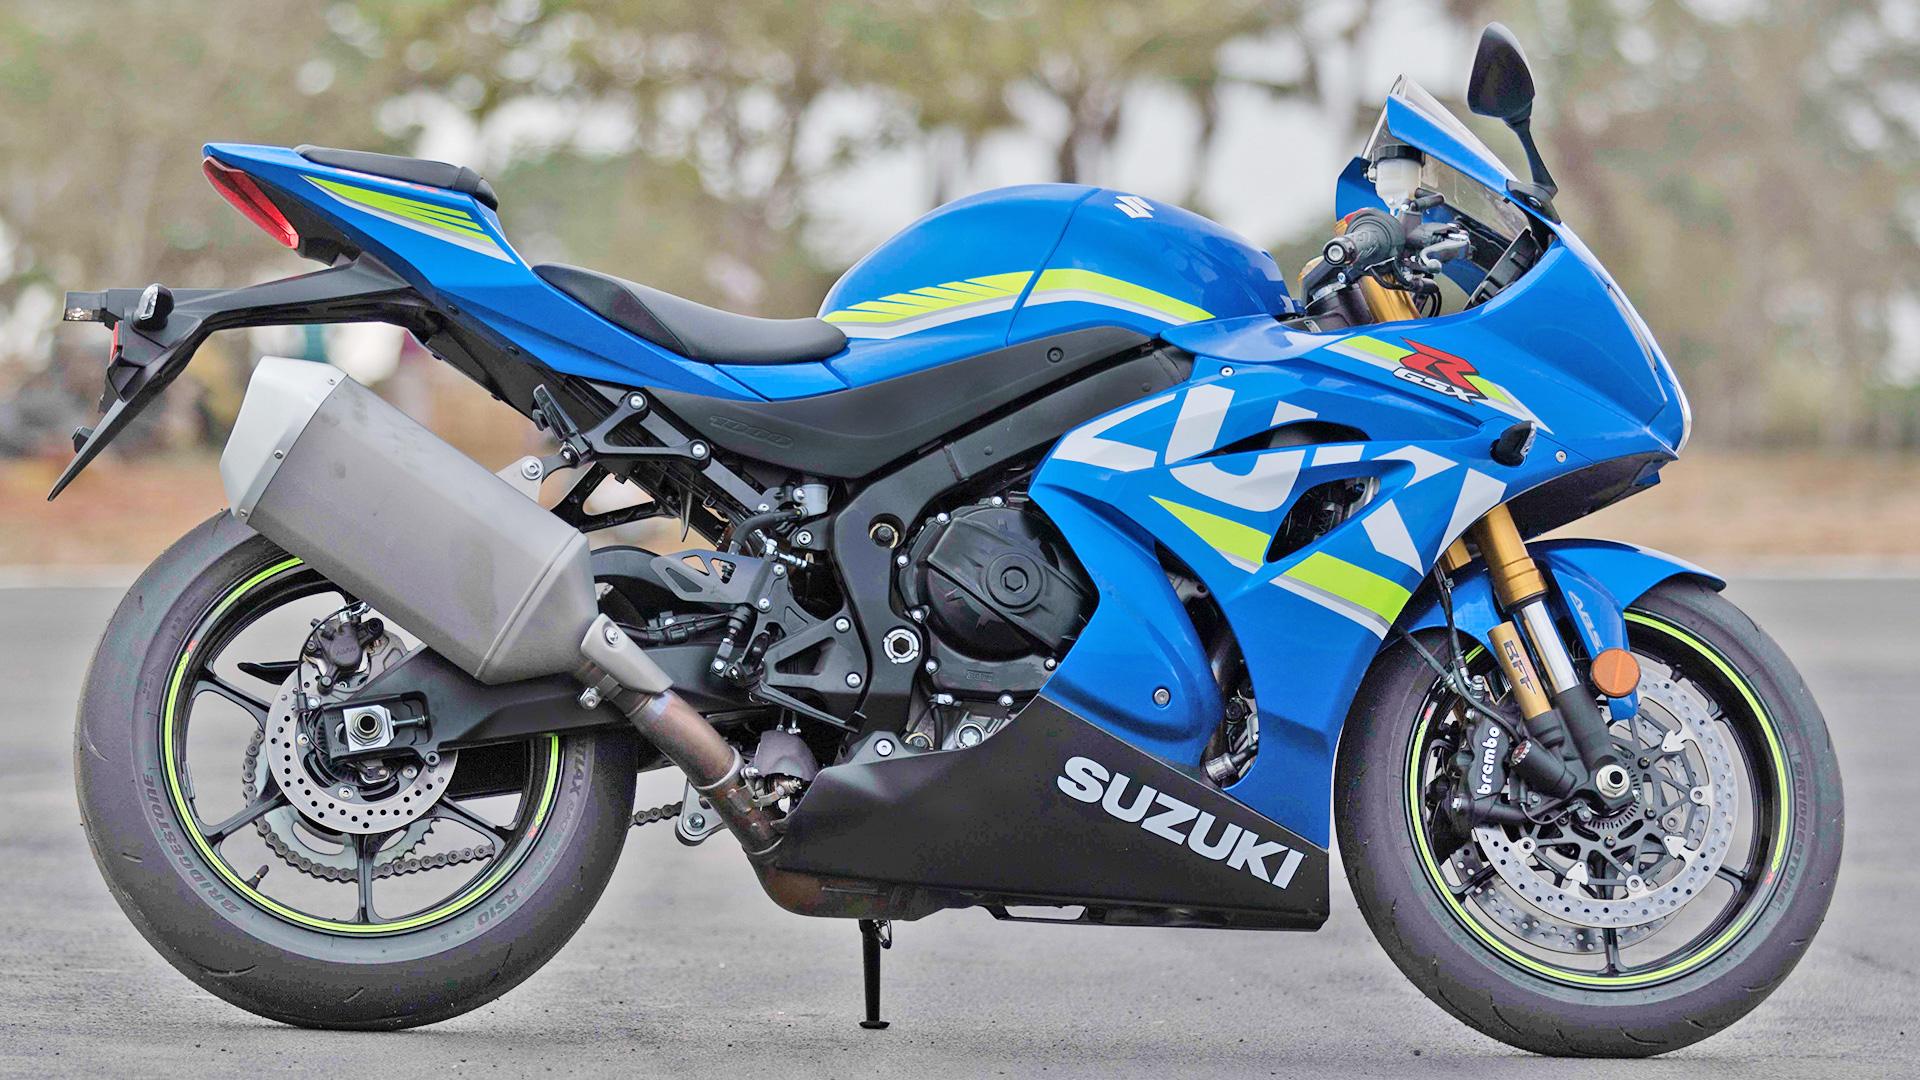 Suzuki GSXR 1000 Bike - Prices, Reviews, Photos, Mileage ...  |Suzuki Gixxer 1000 Price